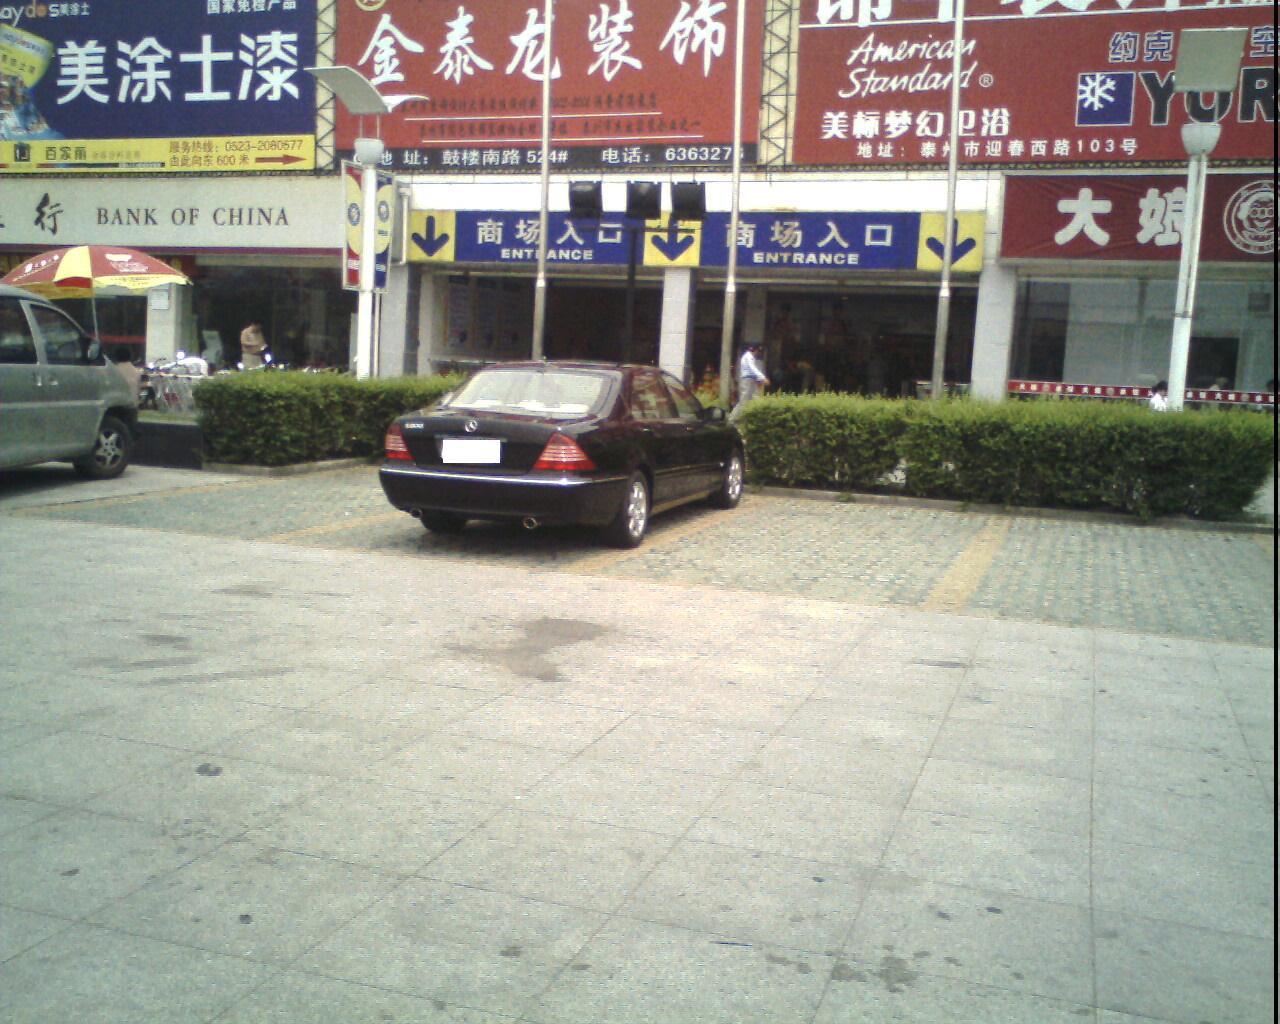 今天在世纪联华门口看到奔驰S600